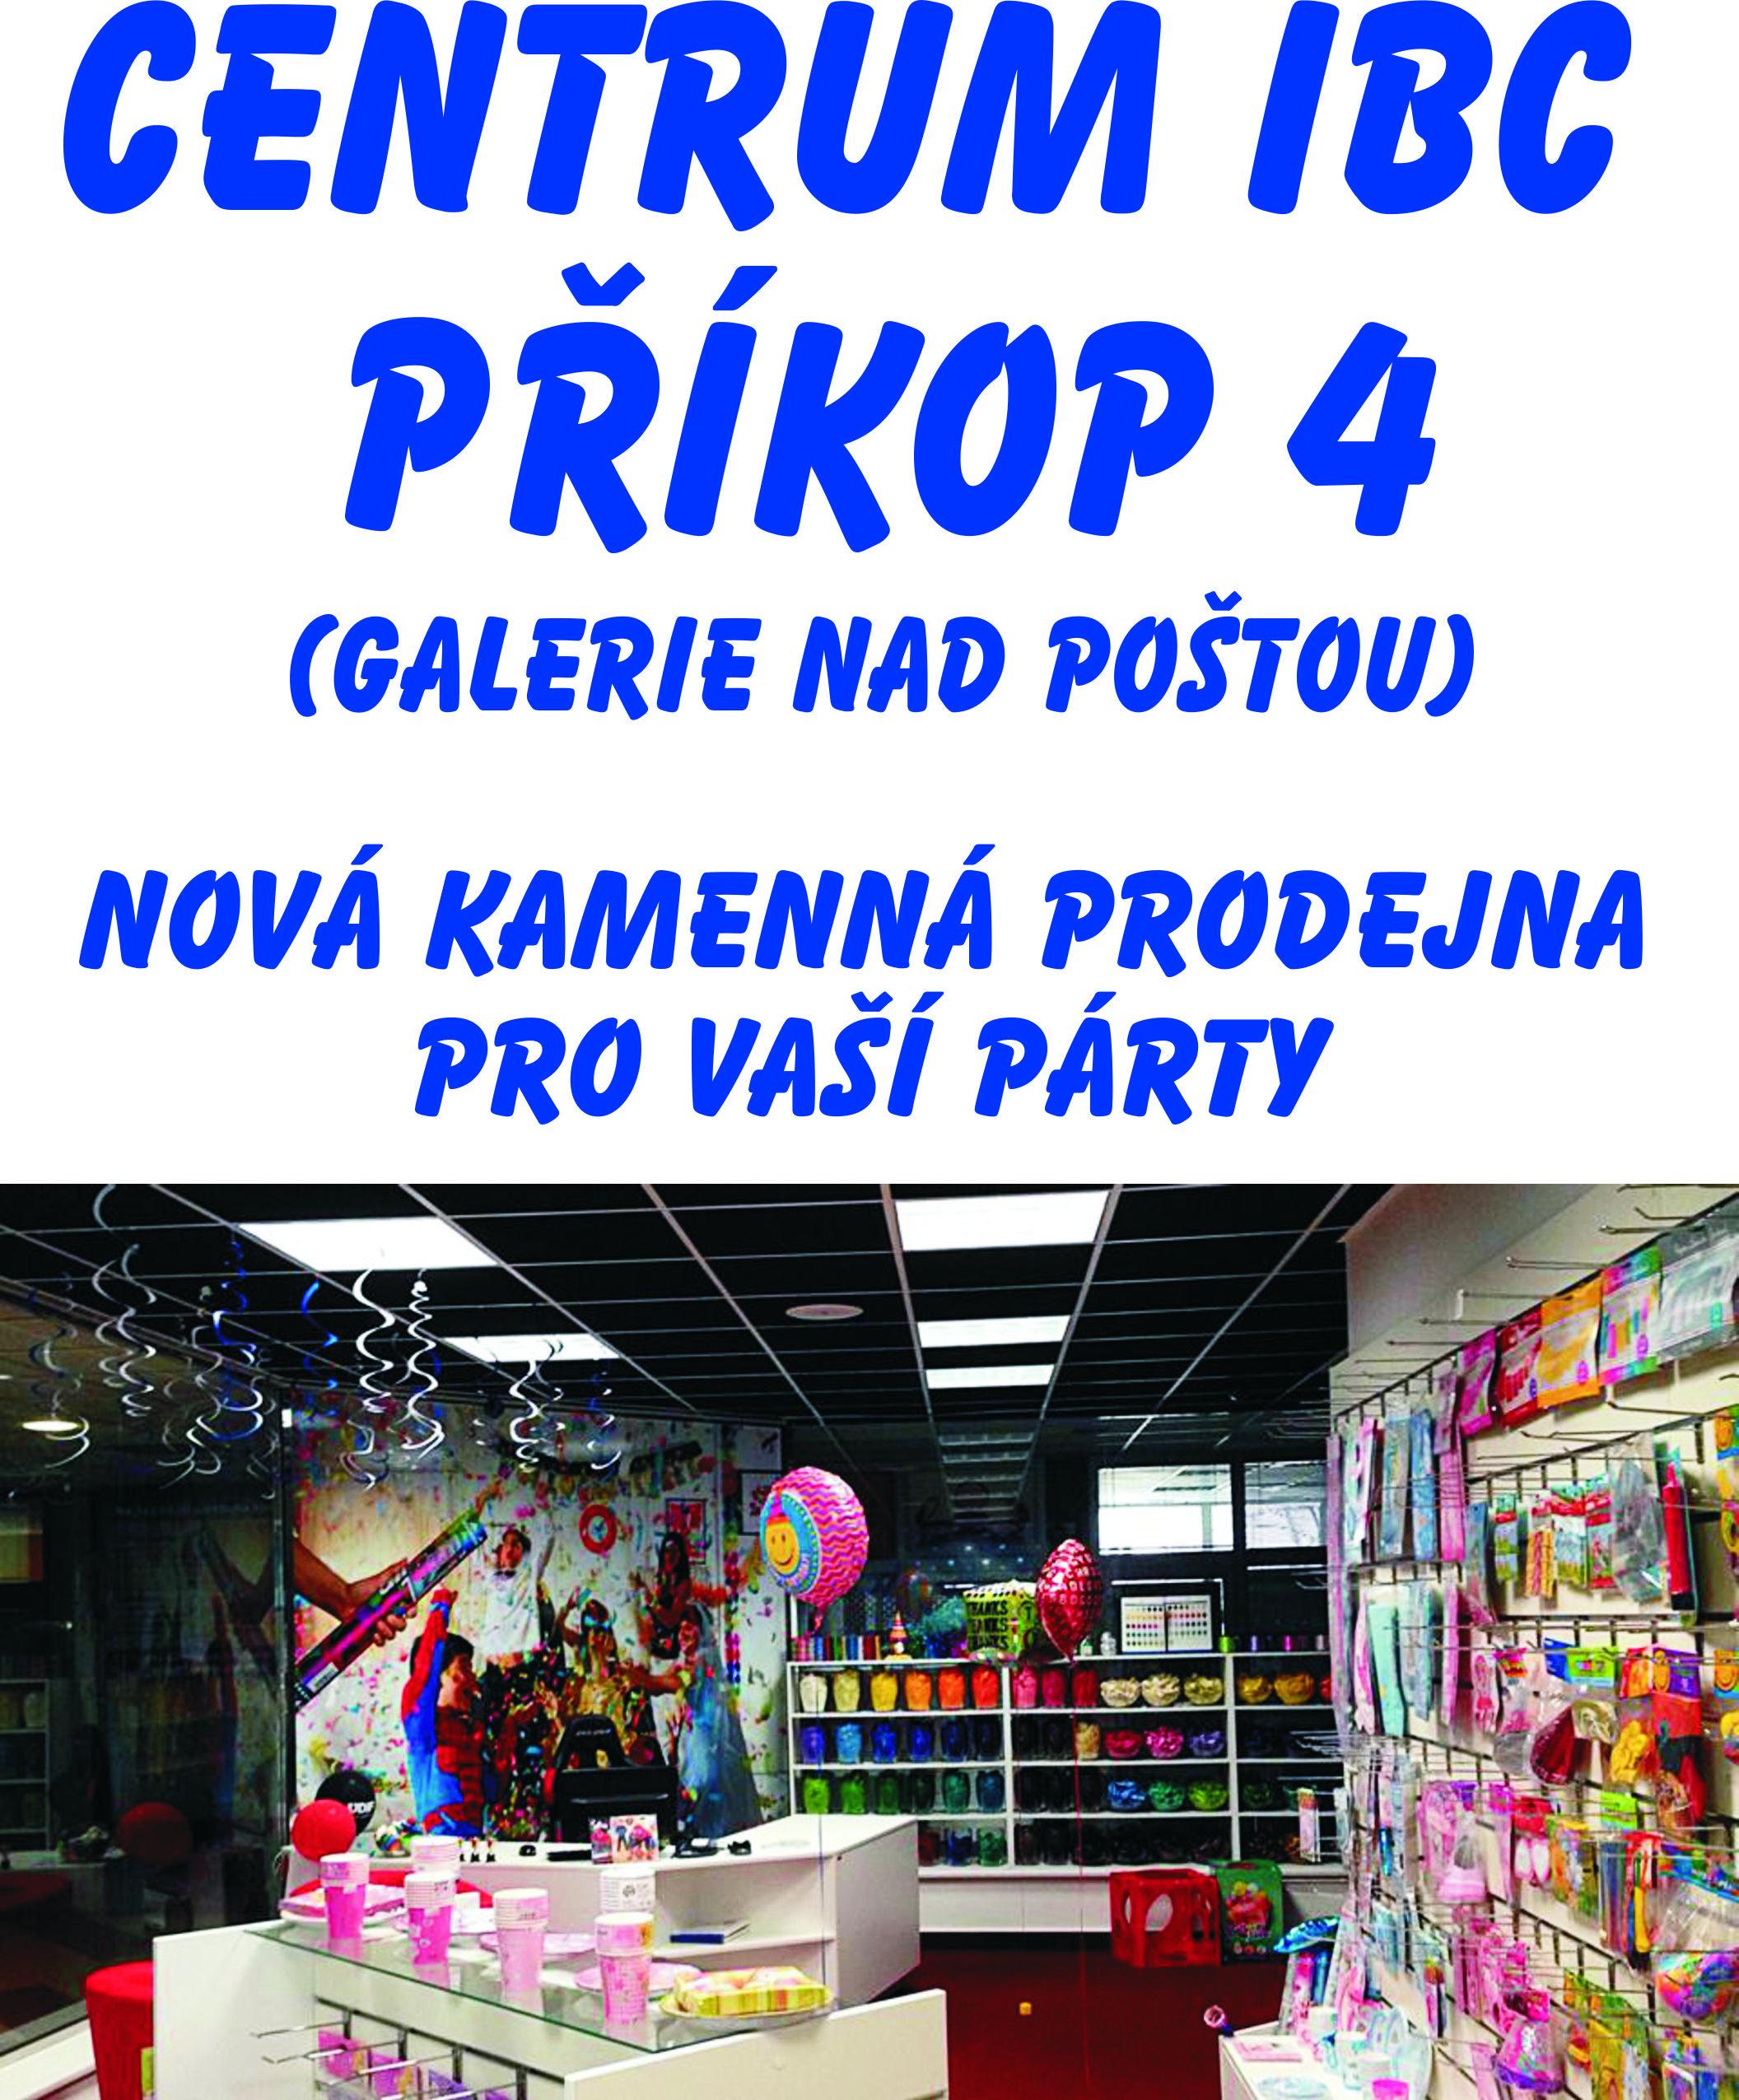 Balonky.cz - kamenná prodejna